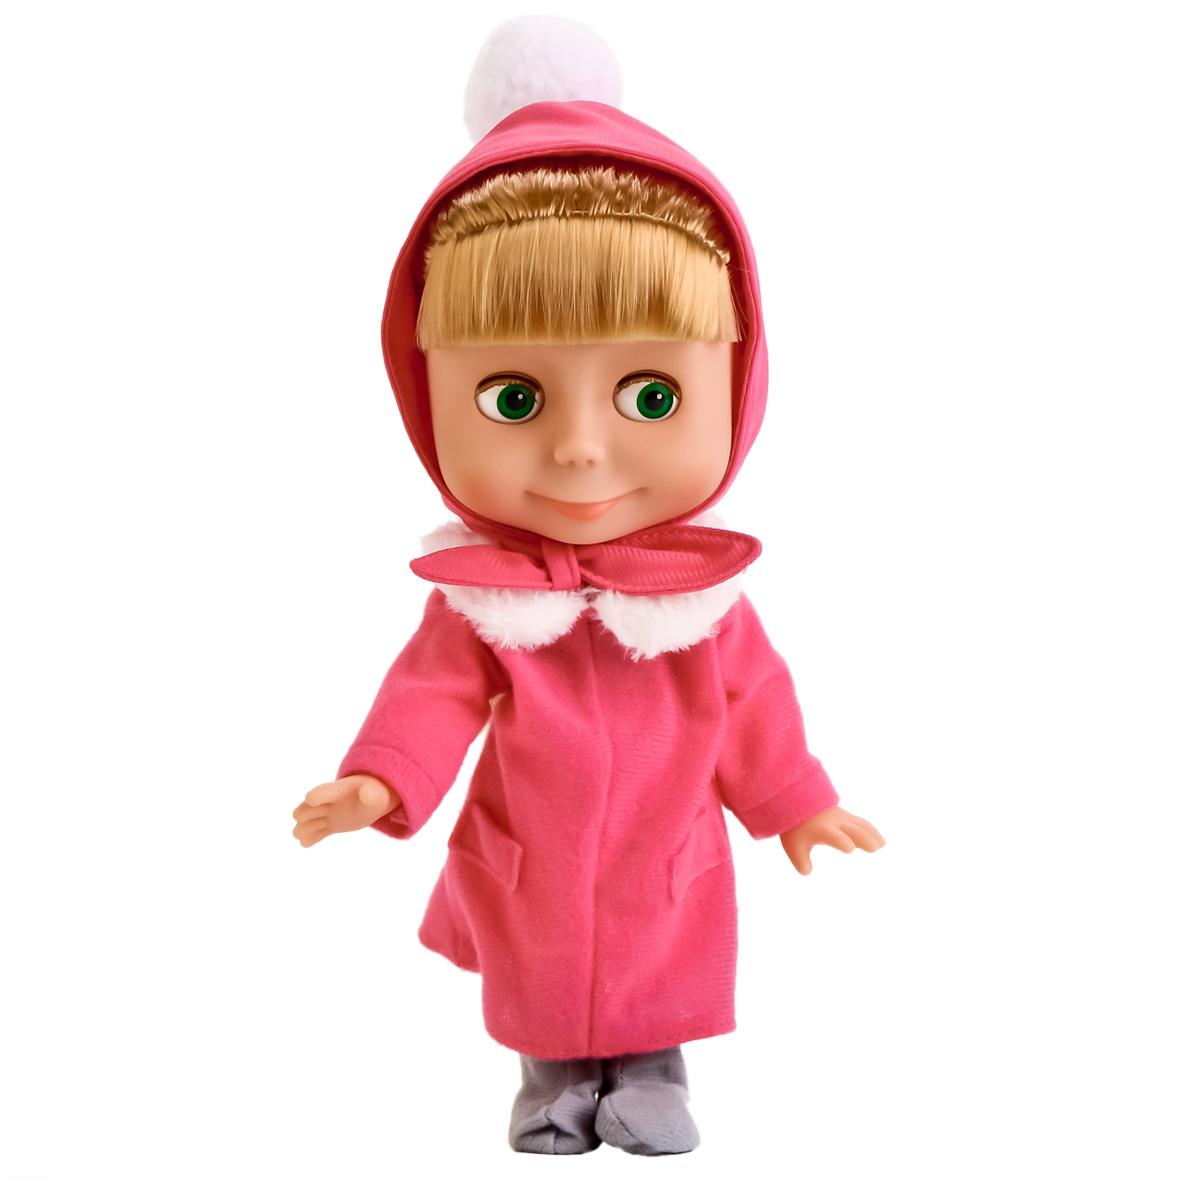 Пупсы Карапуз Кукла Карапуз «Маша» в зимней одежде карапуз кукла рапунцель со светящимся амулетом 37 см со звуком принцессы дисней карапуз